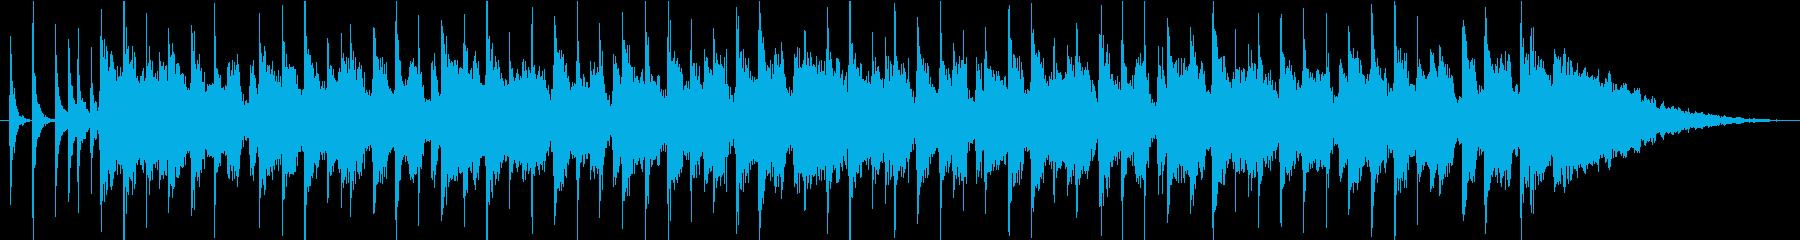 ハッピーなジングルの再生済みの波形